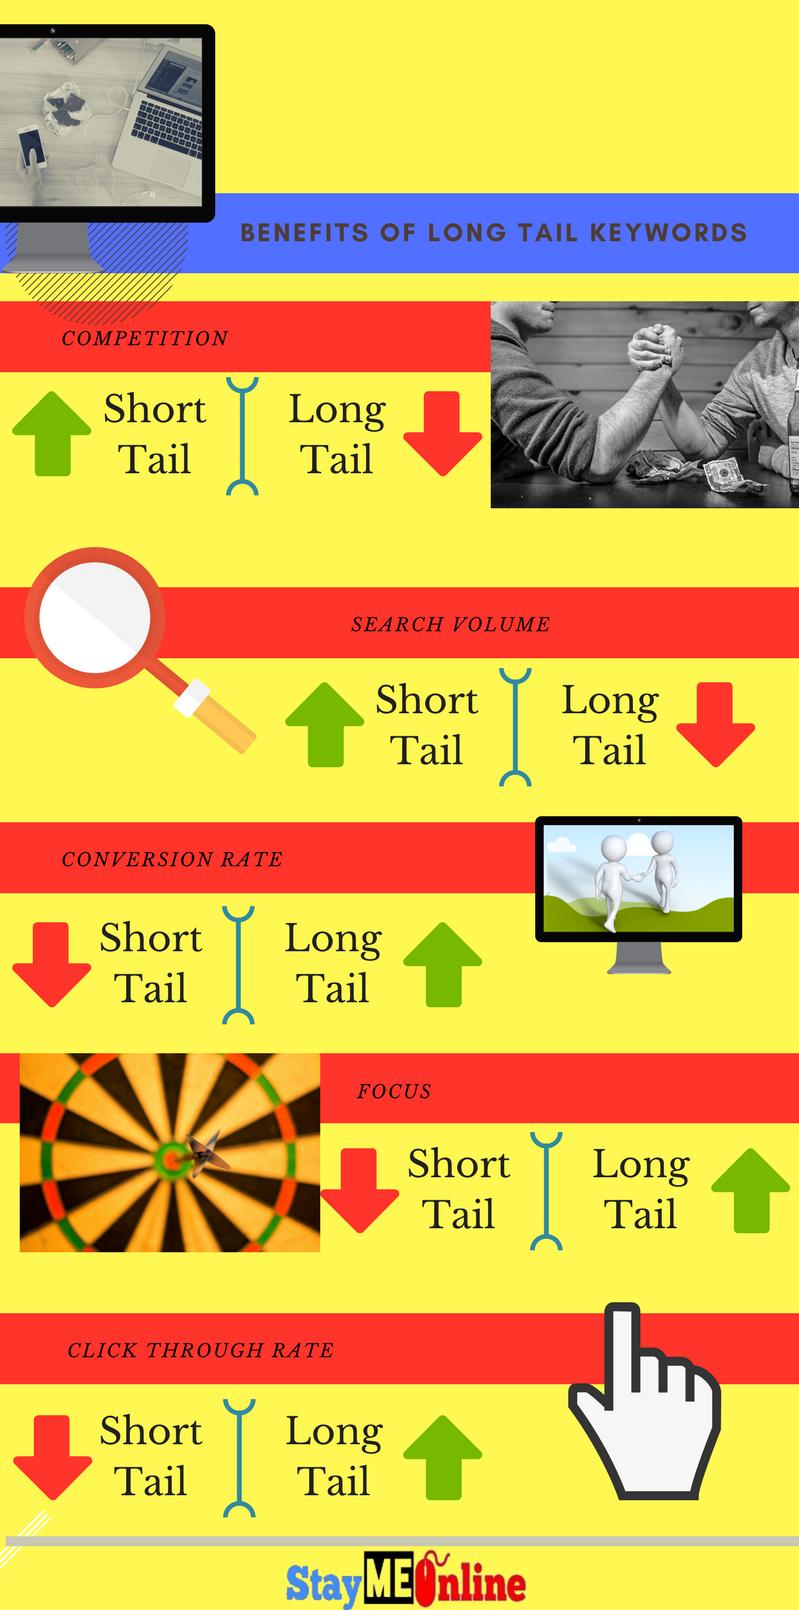 Benefits of long tail keyword, long tail, long tail keywords,